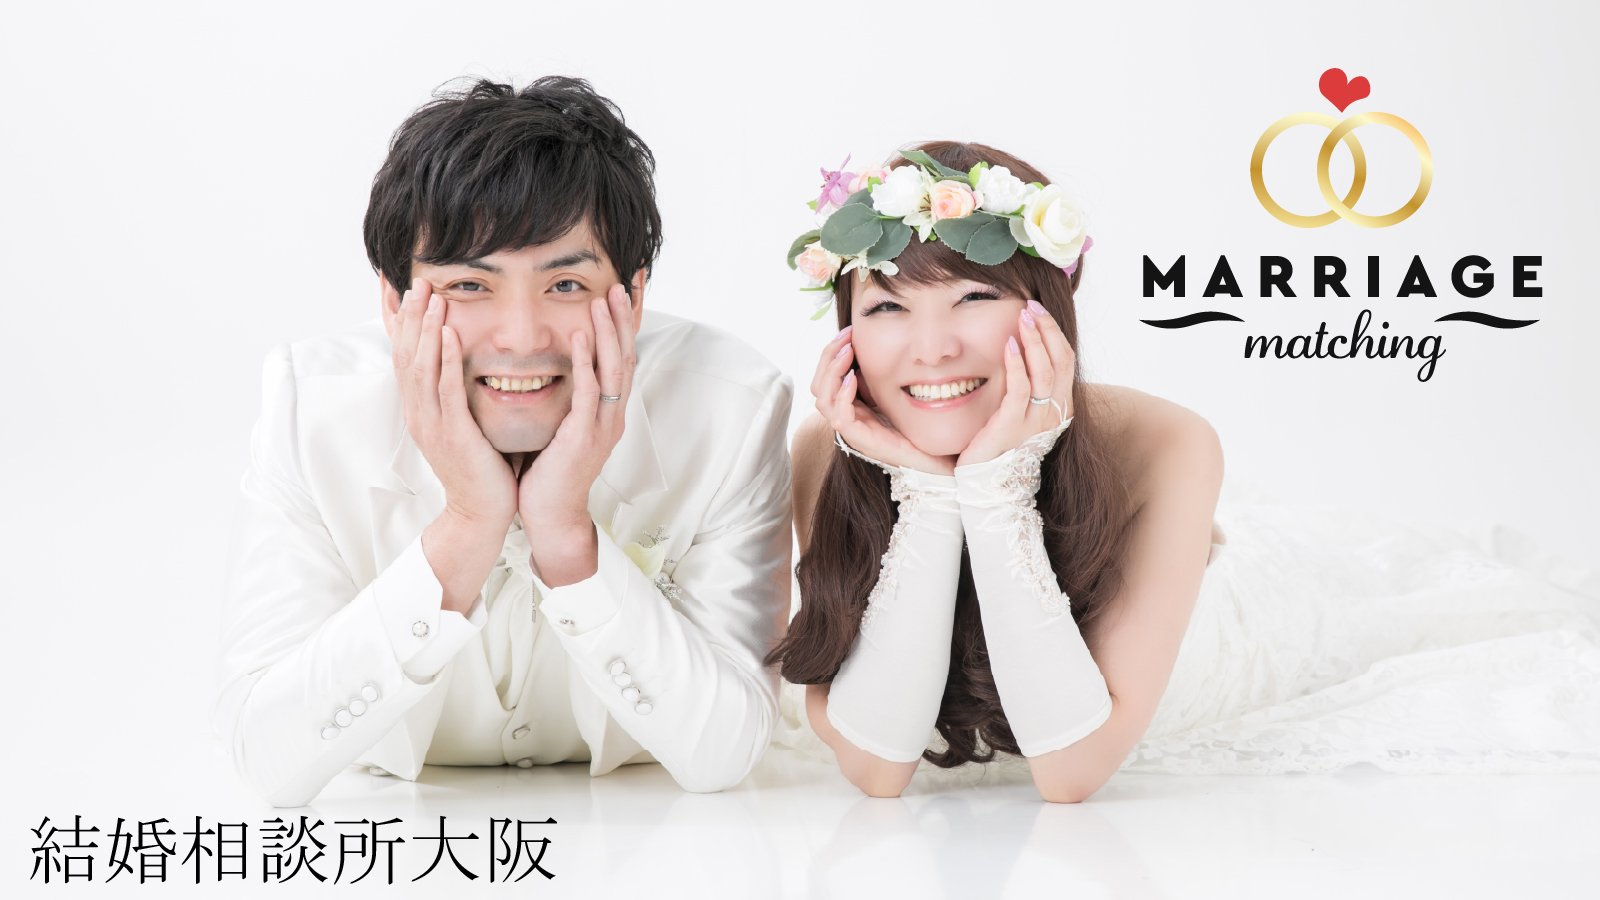 相談 所 大阪 結婚 大阪結婚相談所の評判と口コミランキング